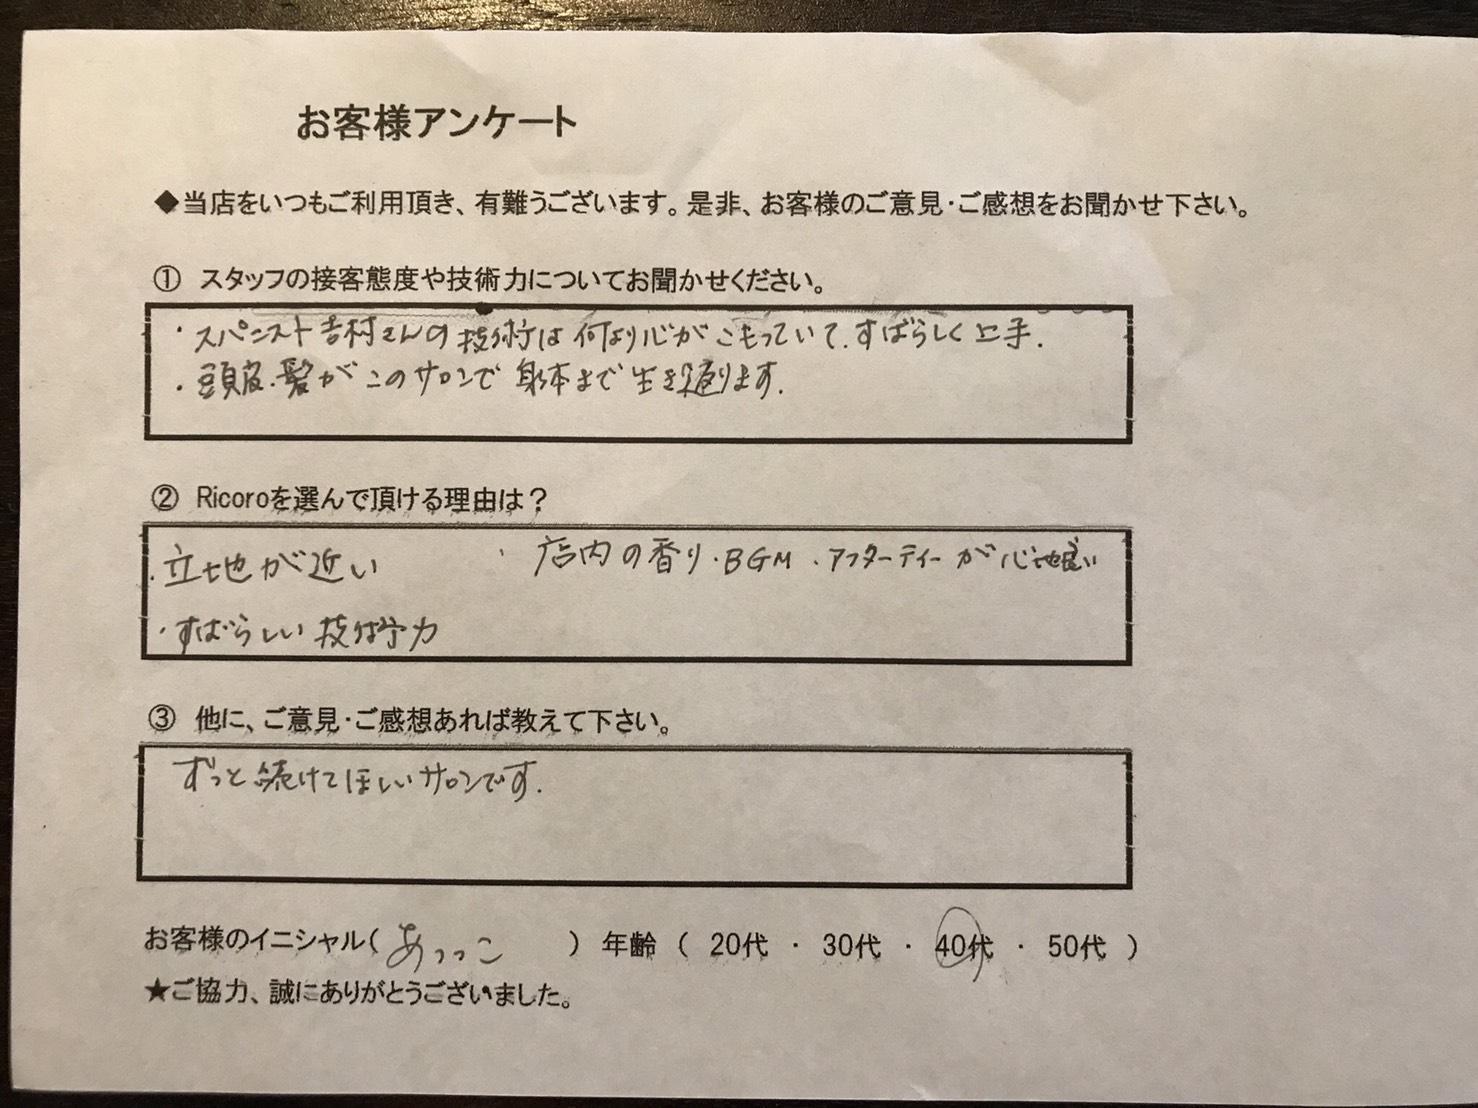 スパニスト吉村さんの技術は何より心がこもっていて、すばらしく上手